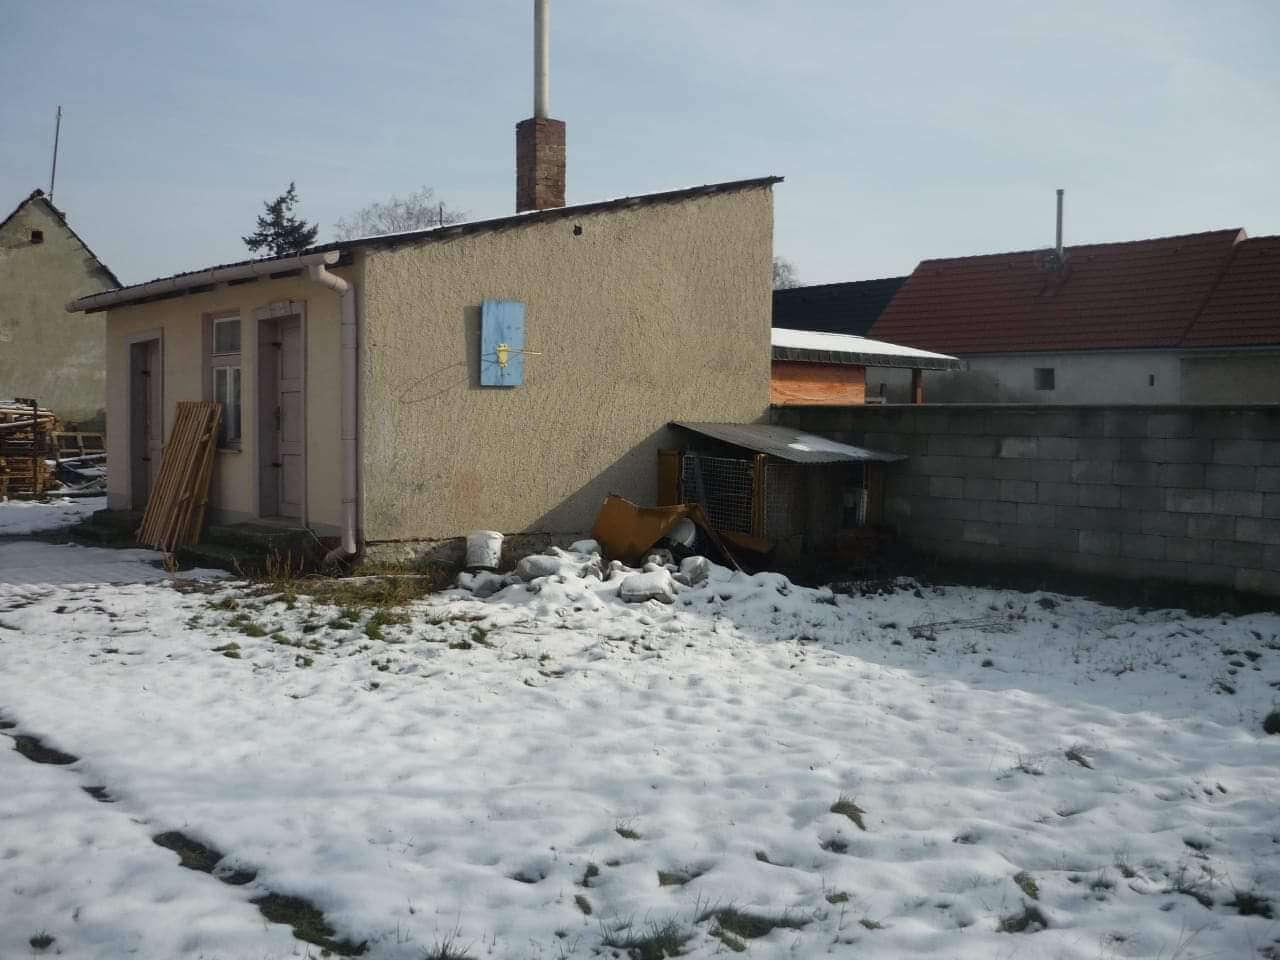 Predaný: Predaj 3 Izbového Rodinného domu, Viničné, Pri Pezinku, úžitková plocha 134m2-44